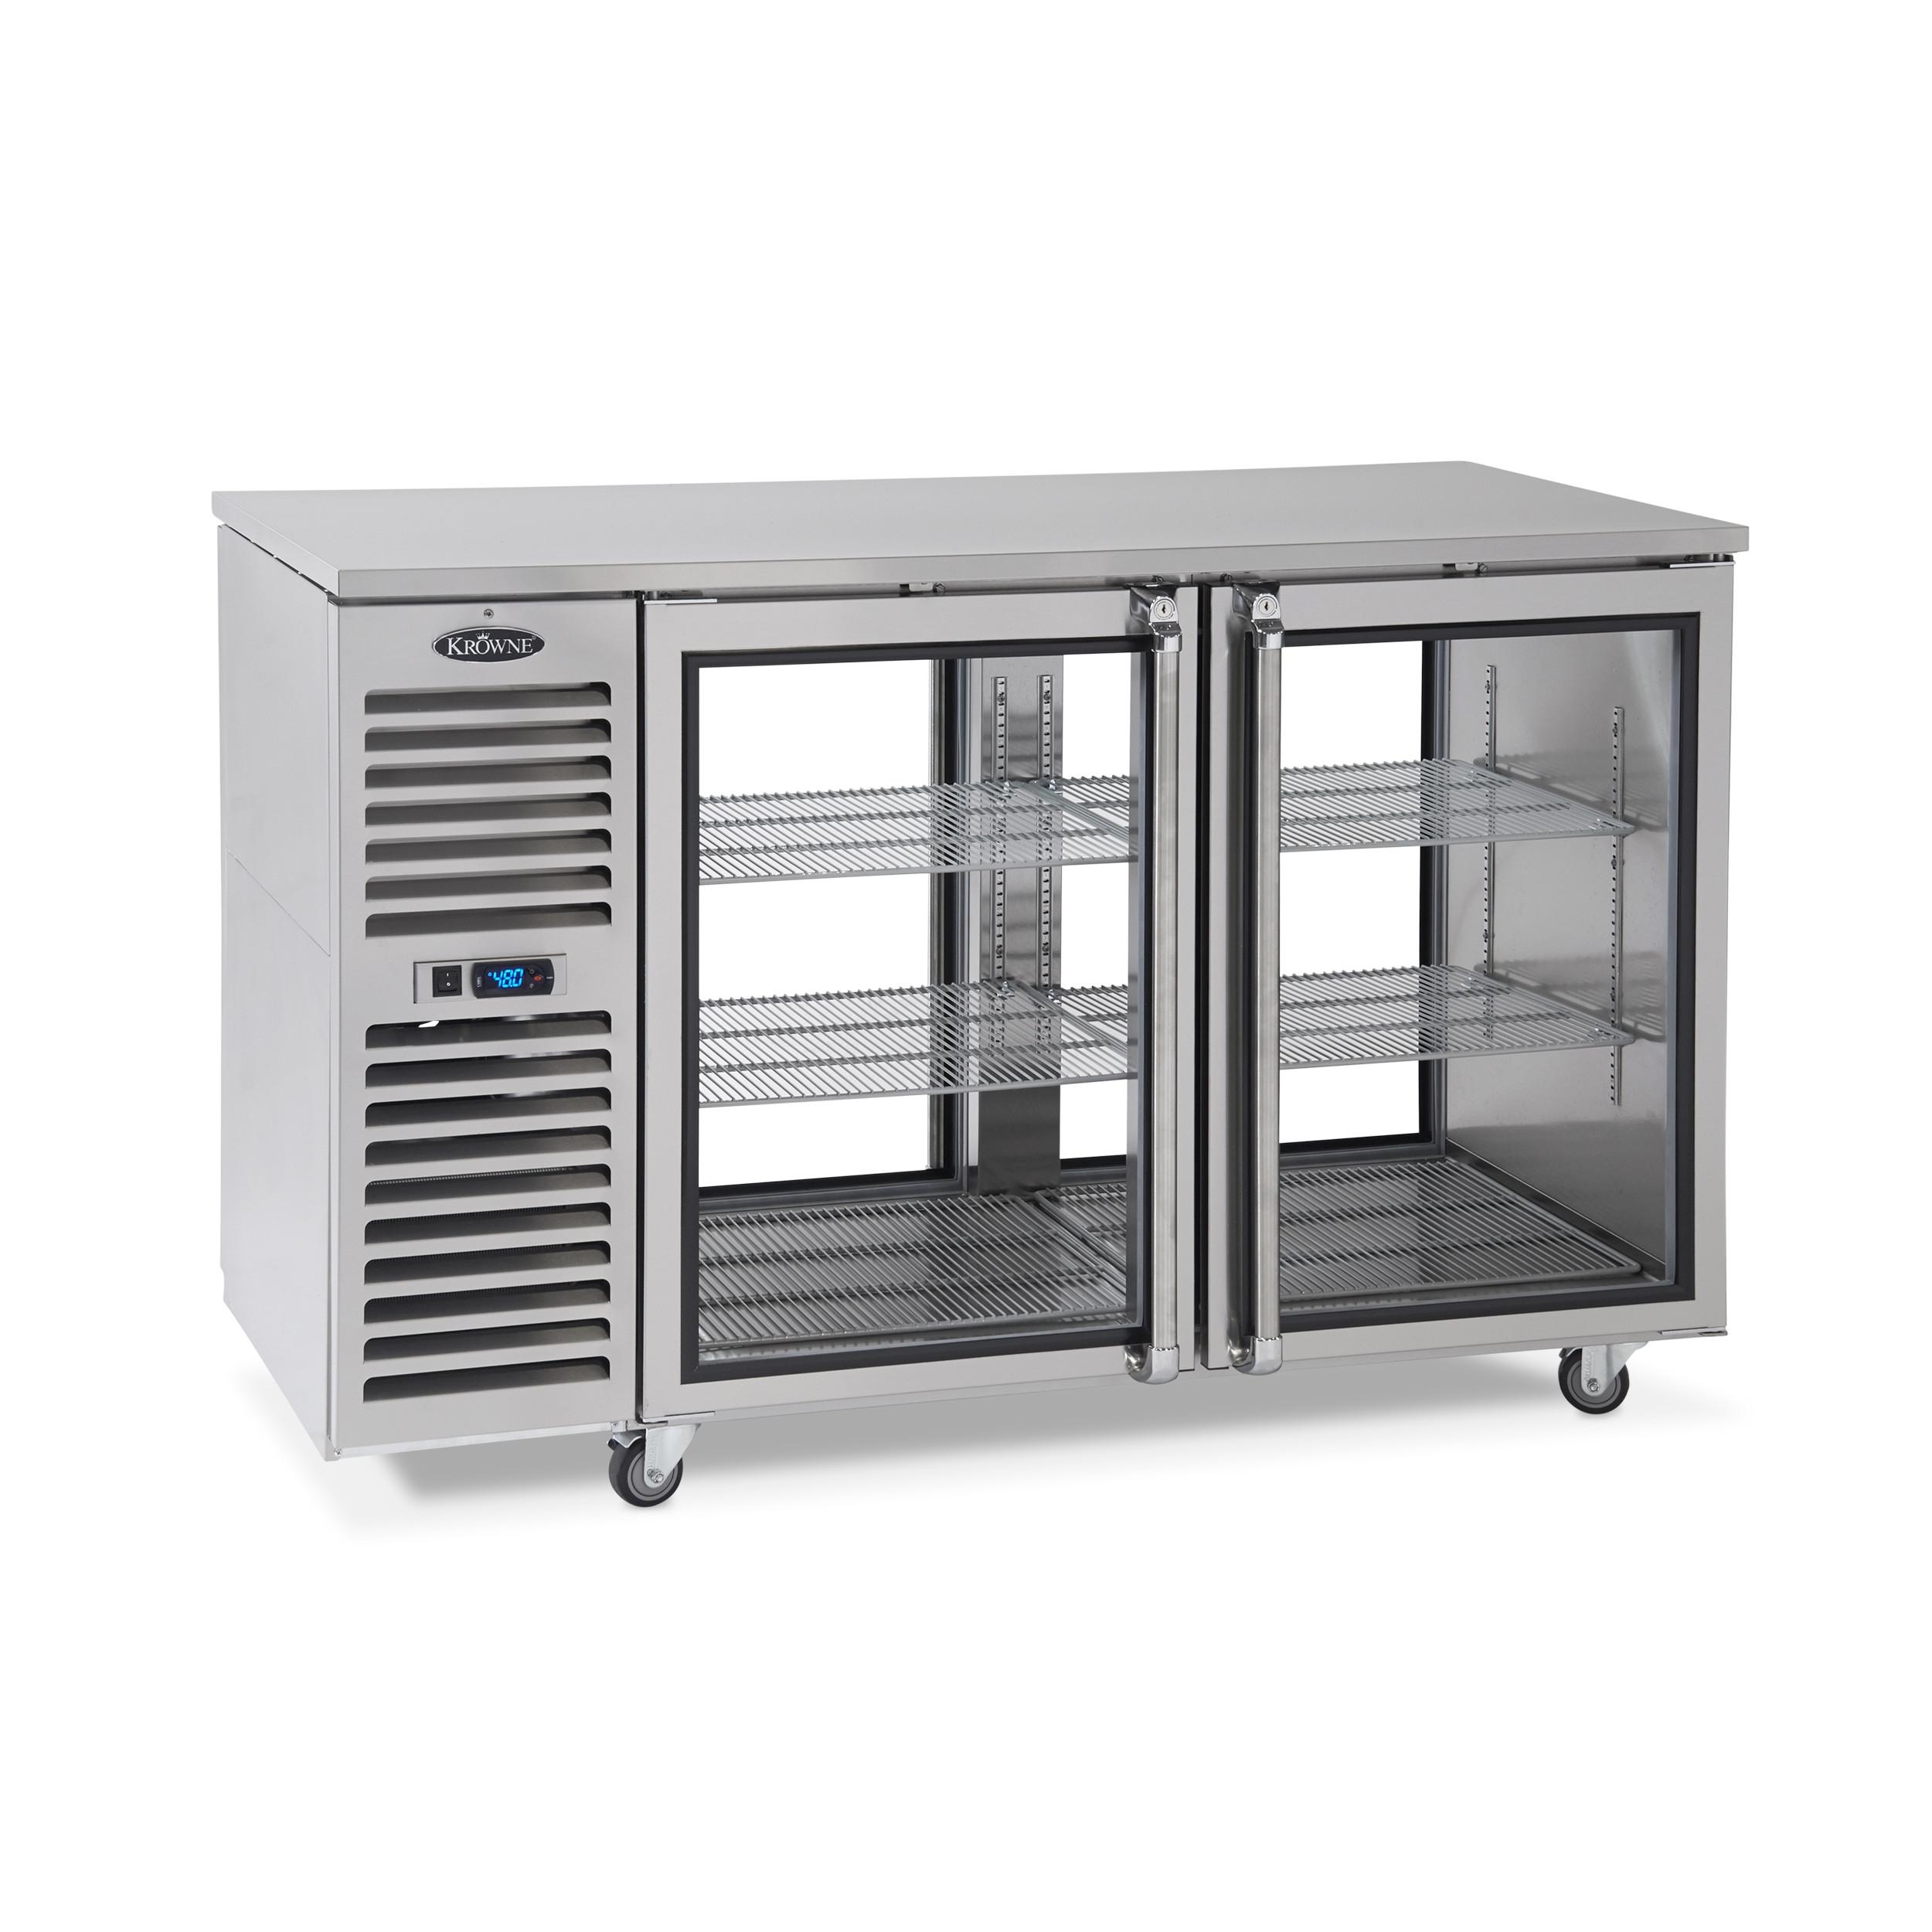 Krowne Metal KPT60L-KNS-LR/LR refrigeration